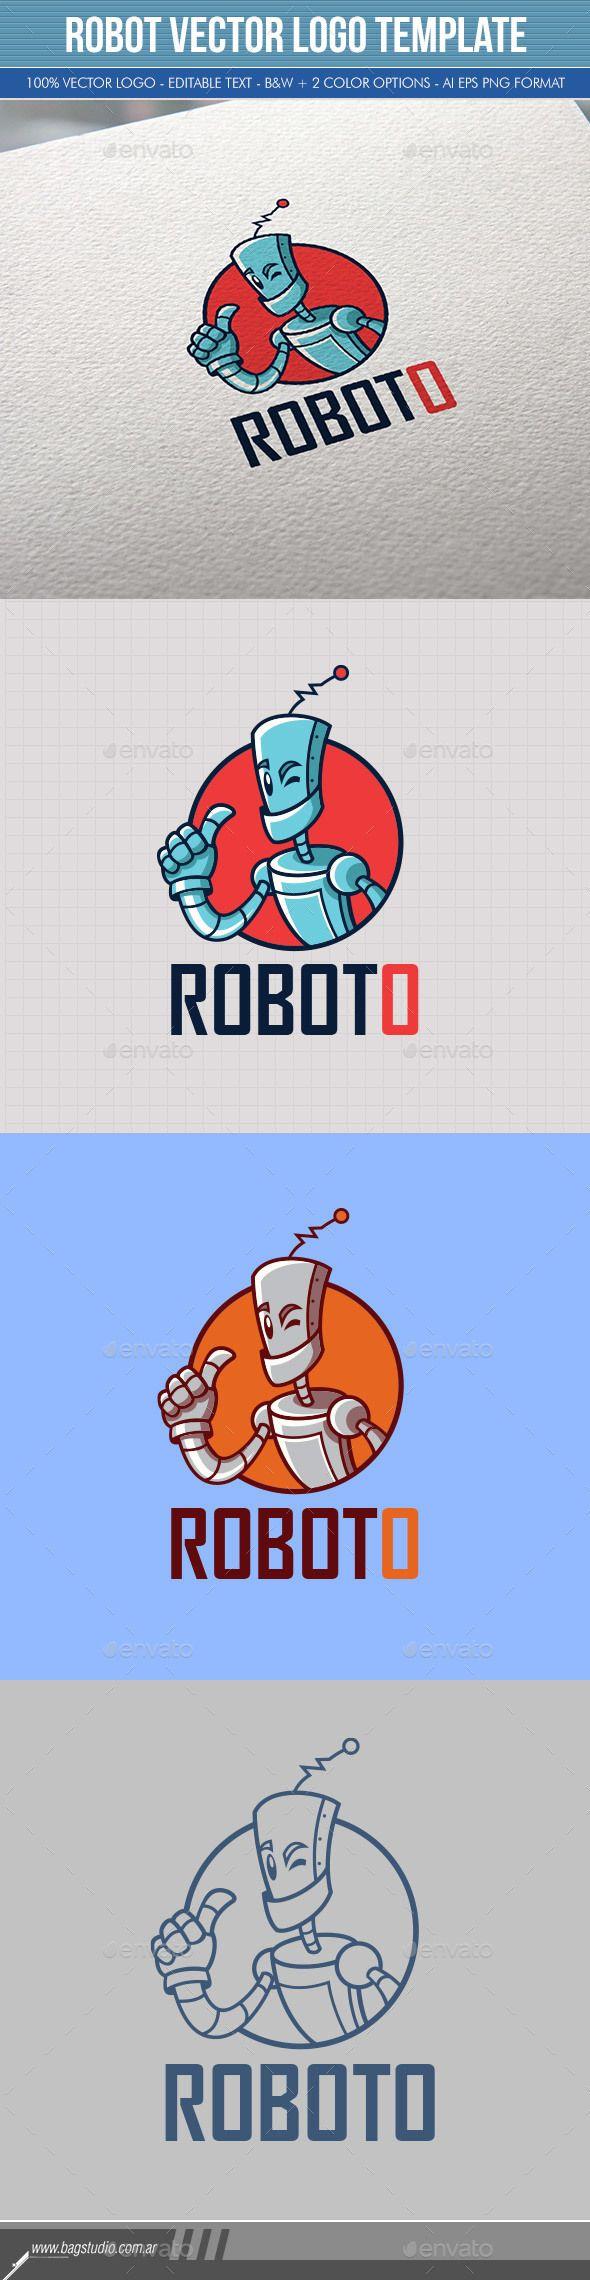 Robot Vector Logo Template